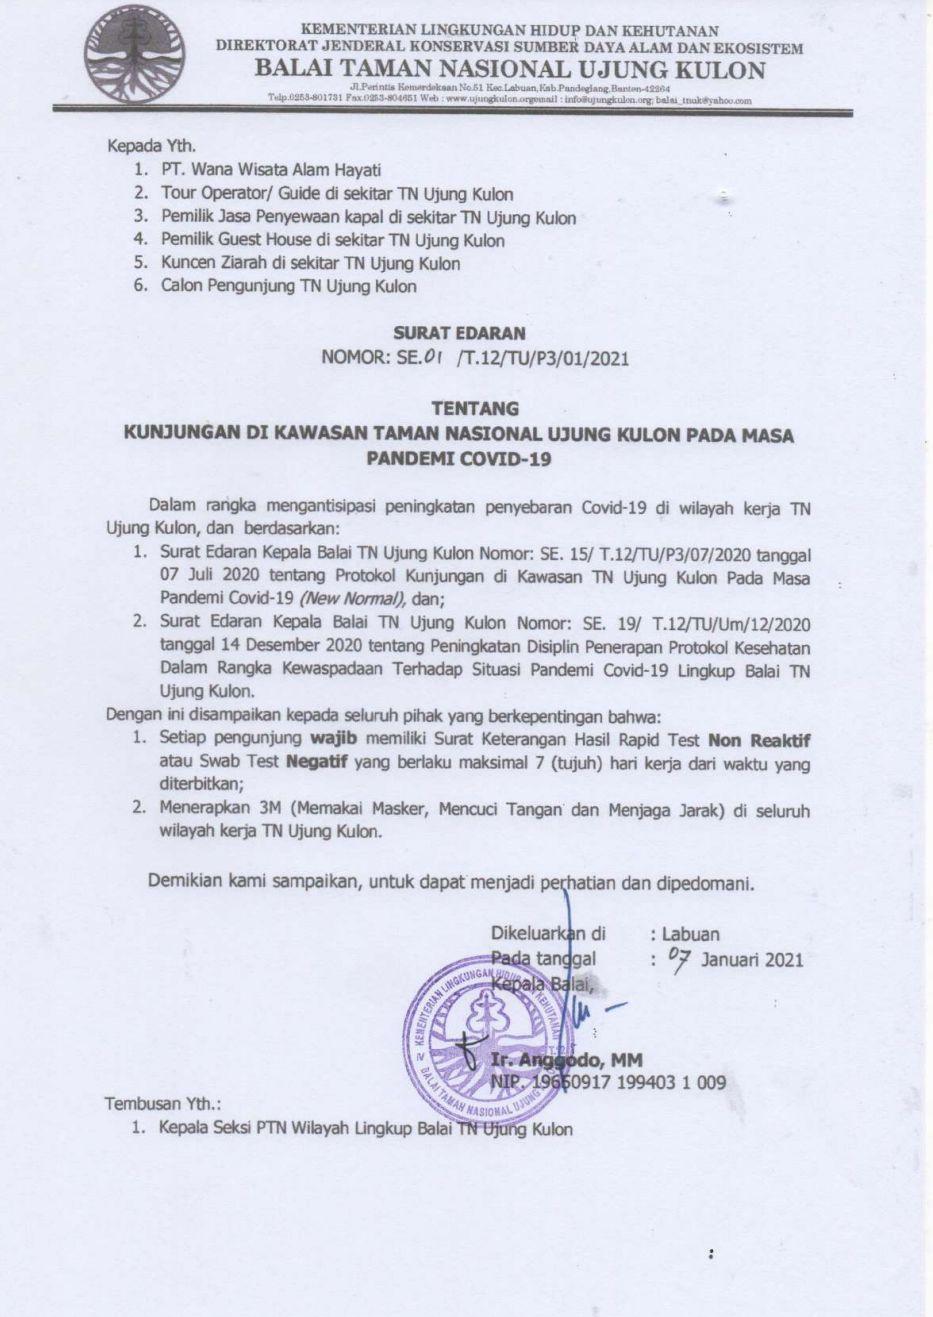 Surat edaran terbaru dari pihak Balai TNUK.